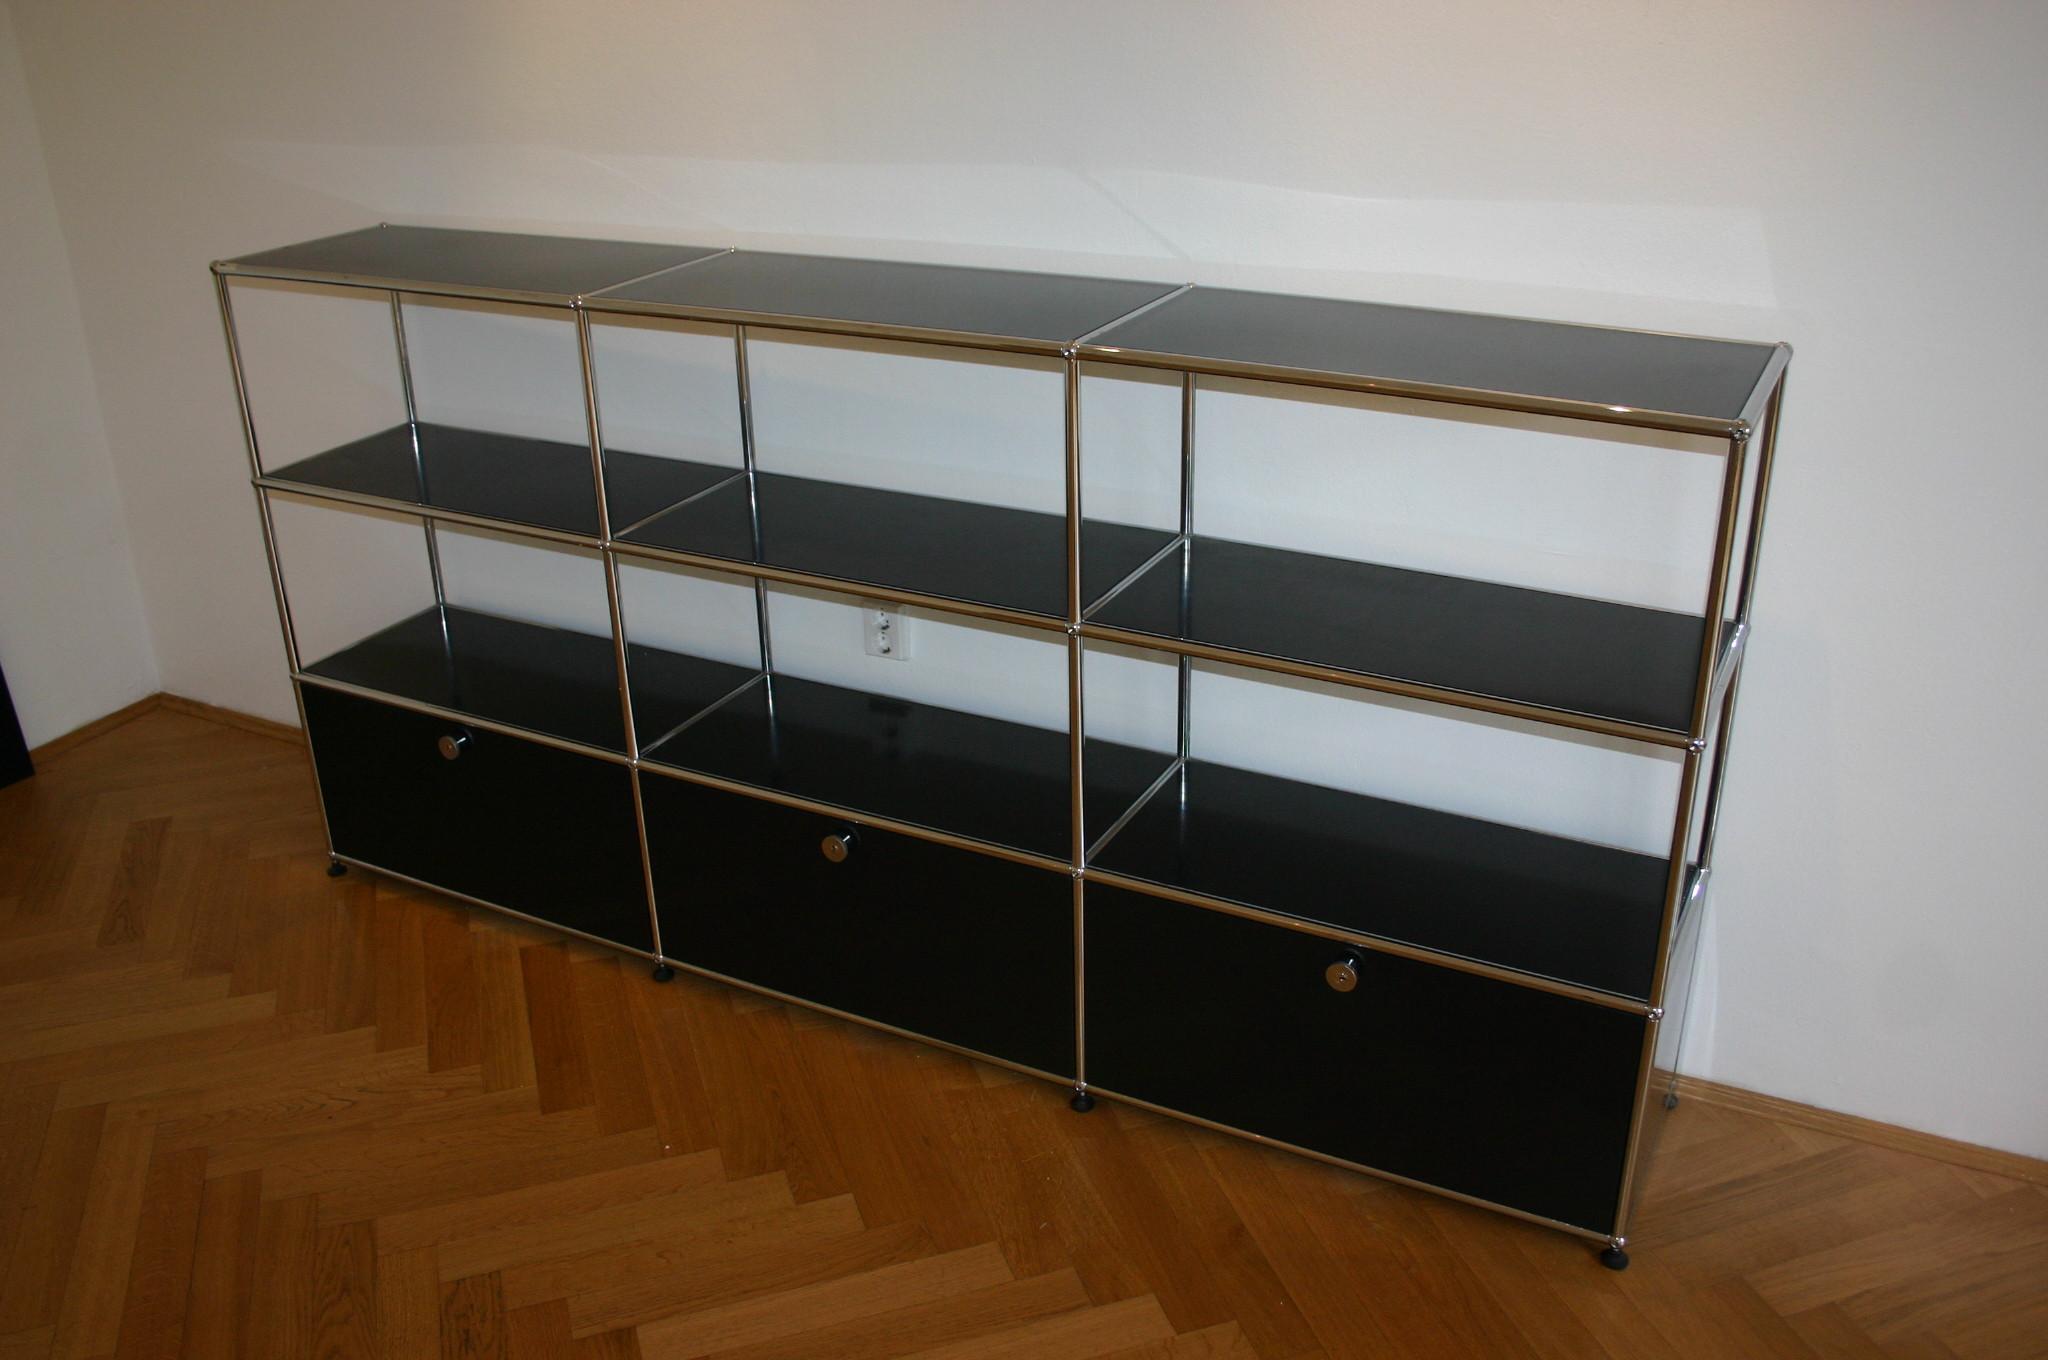 sideboard von usm haller in schwarz sideboards unsere kategorien. Black Bedroom Furniture Sets. Home Design Ideas